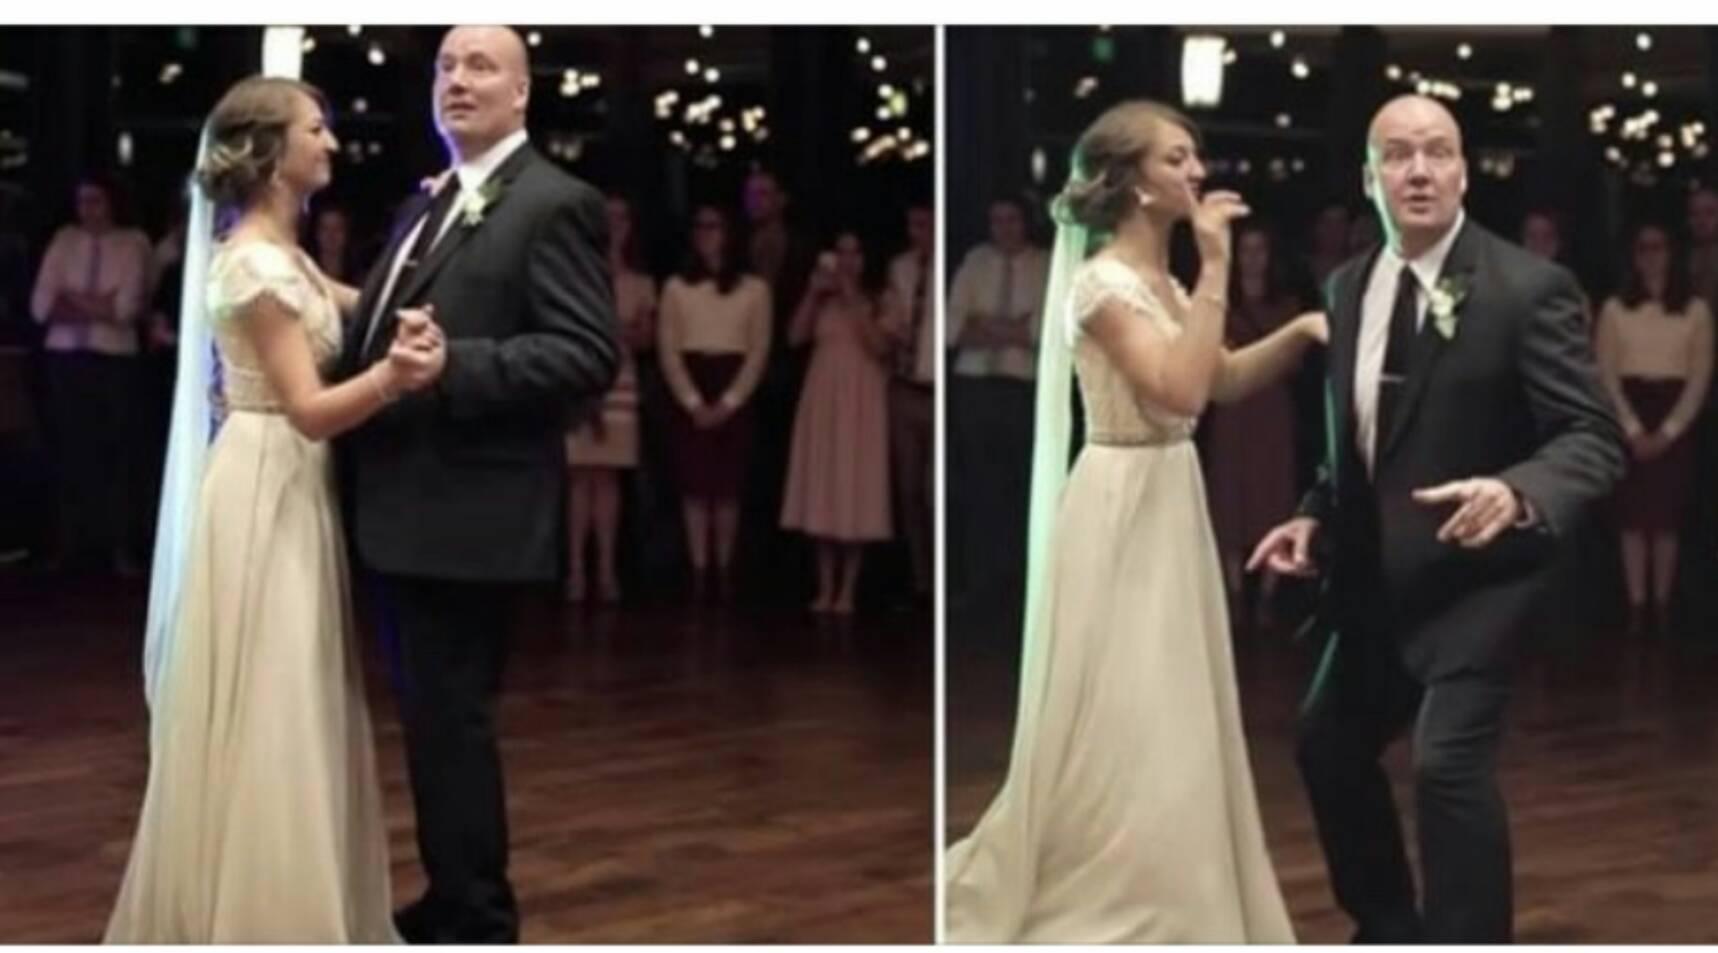 父と娘がセンセーショナルなウエディングダンスでゲストを驚かせる